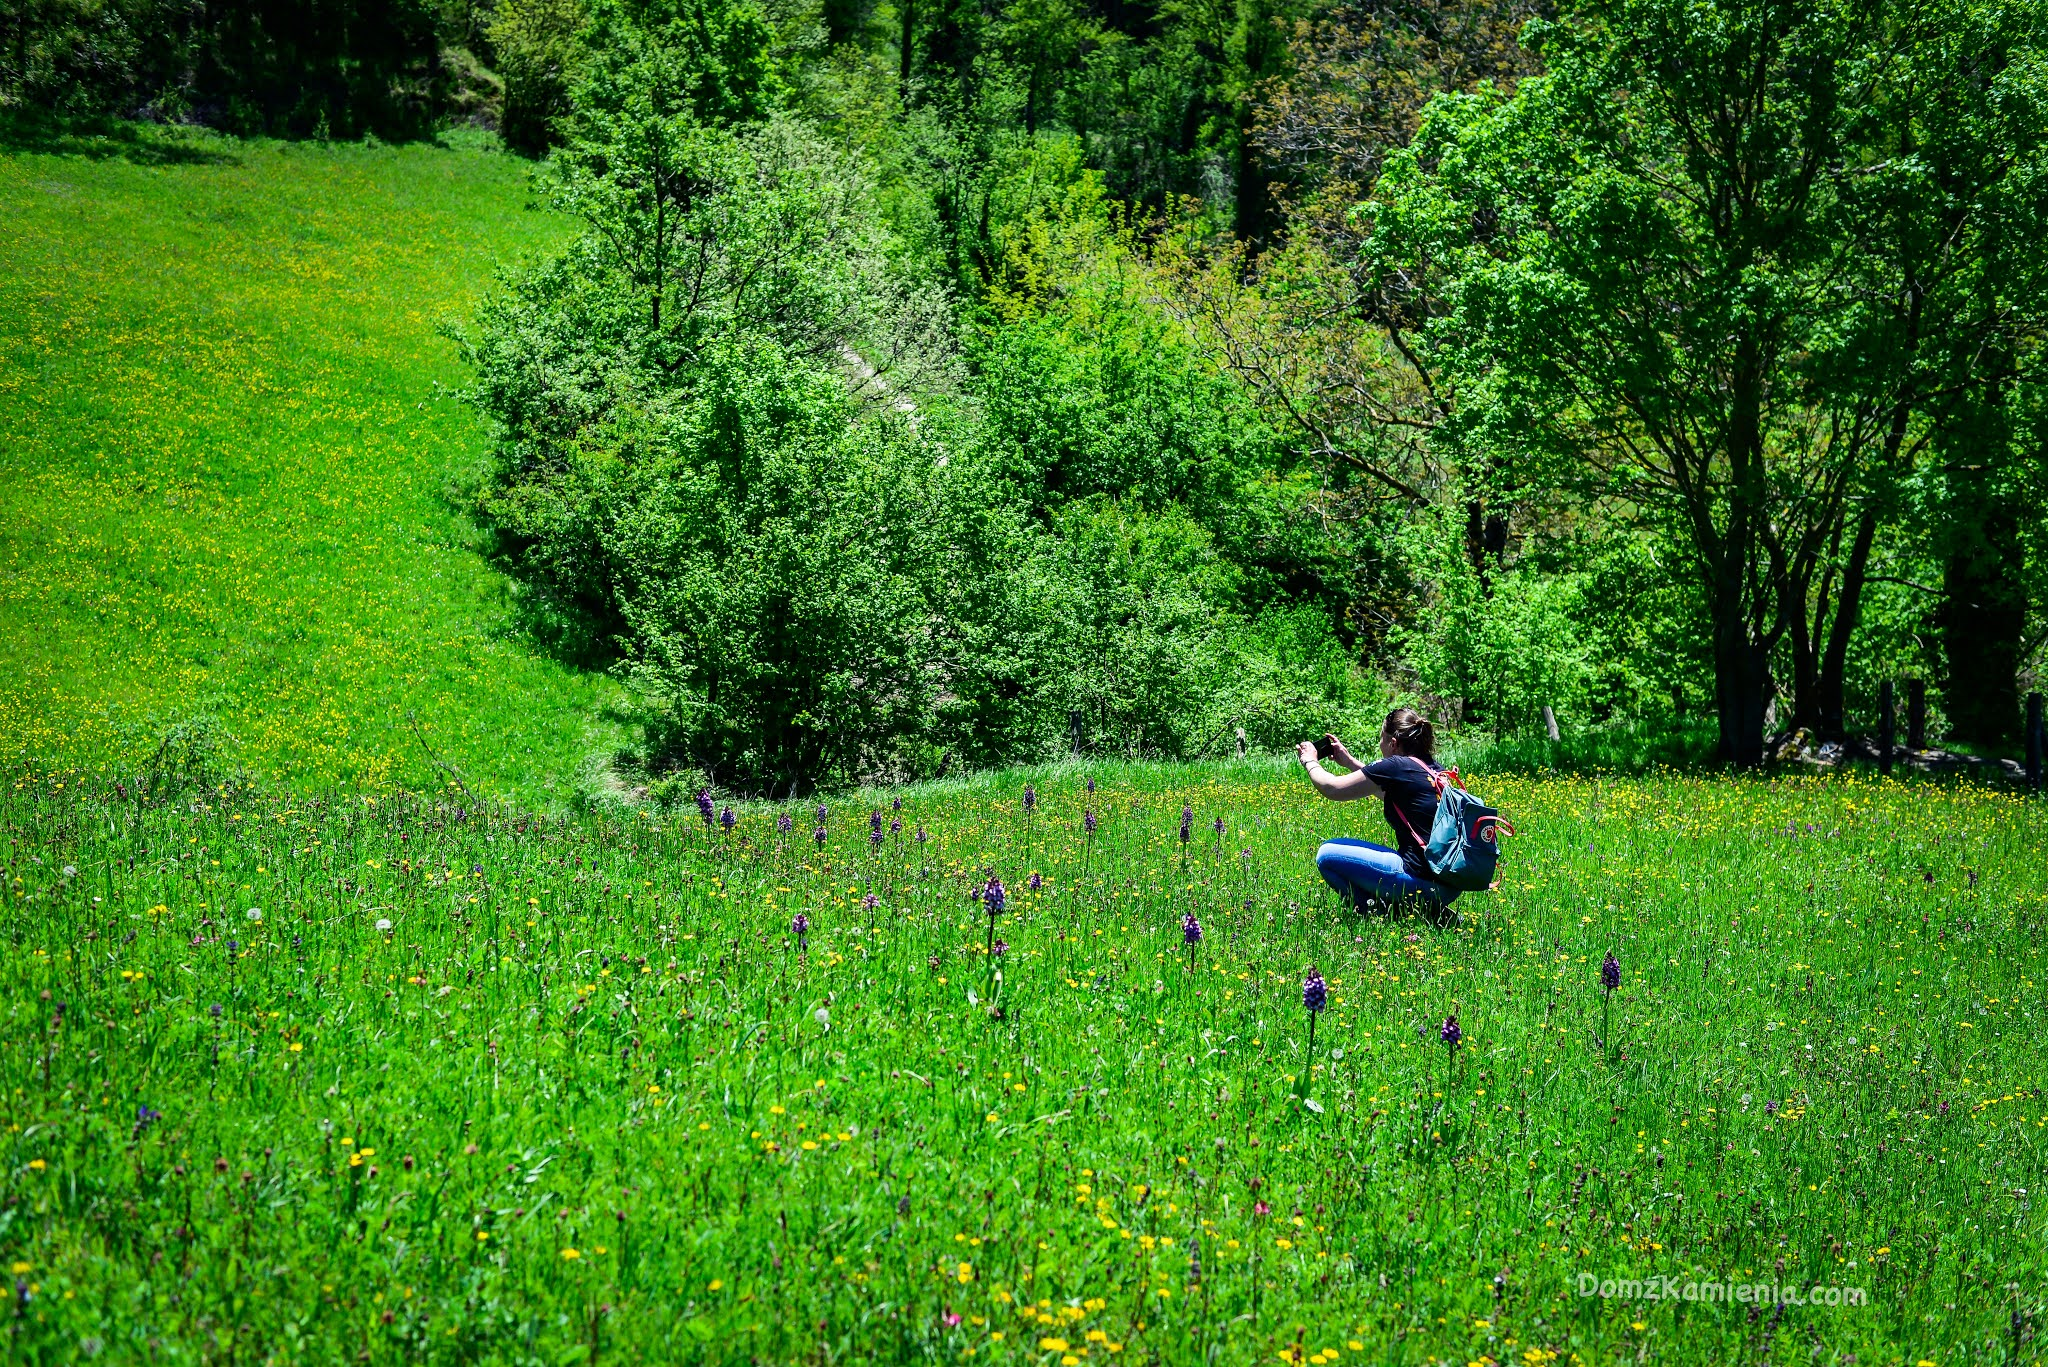 Dom z Kamienia, trekking, Biforco, Toskania nieznana